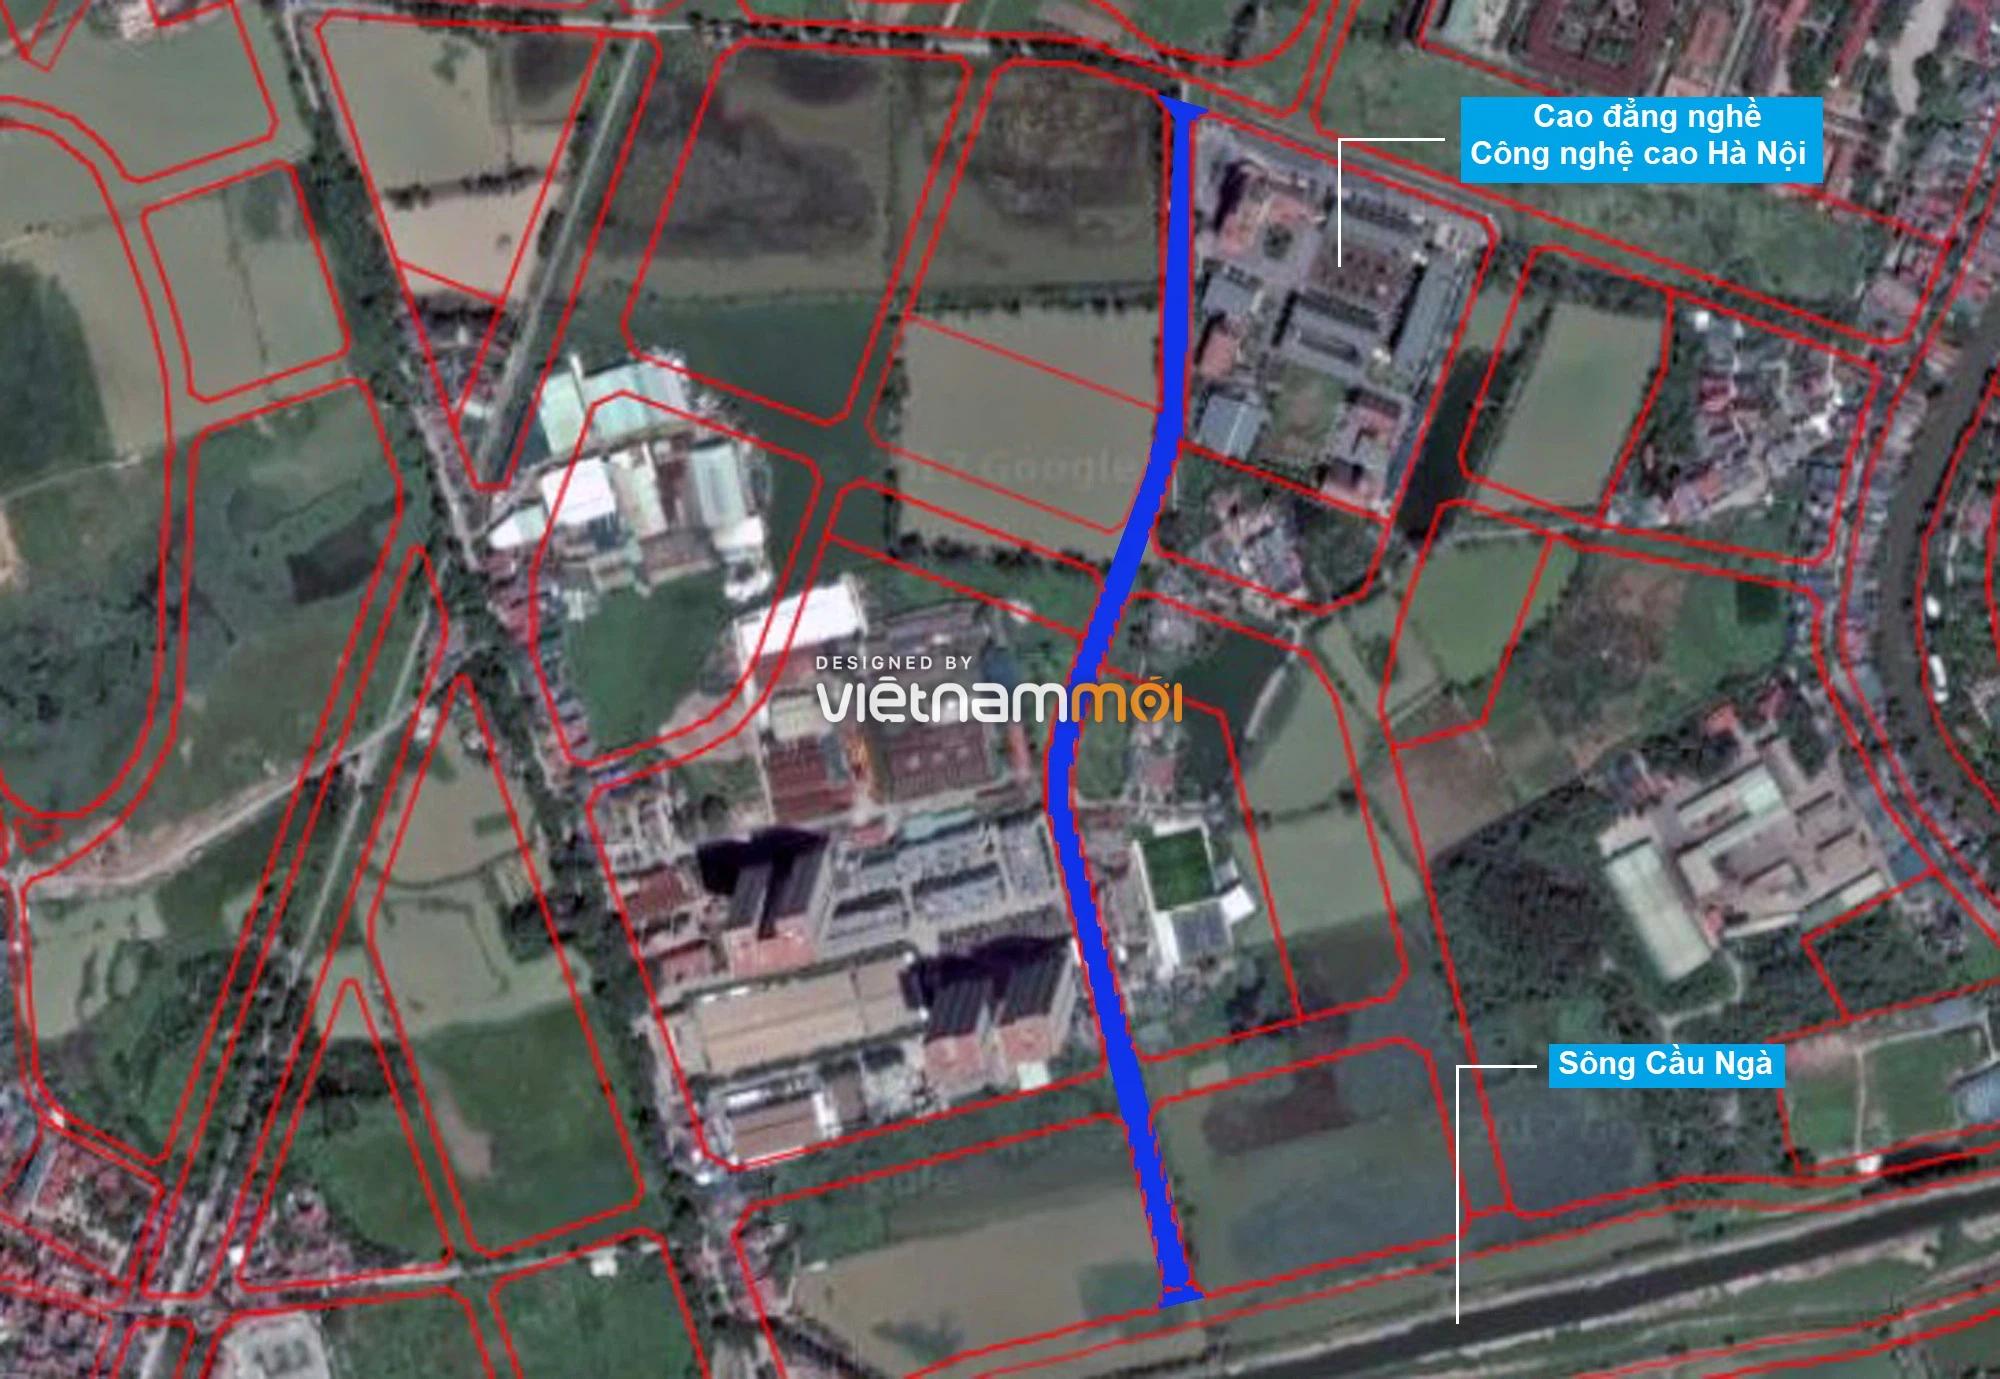 Những khu đất sắp thu hồi để mở đường ở phường Tây Mỗ, Nam Từ Liêm, Hà Nội (phần 2) - Ảnh 7.